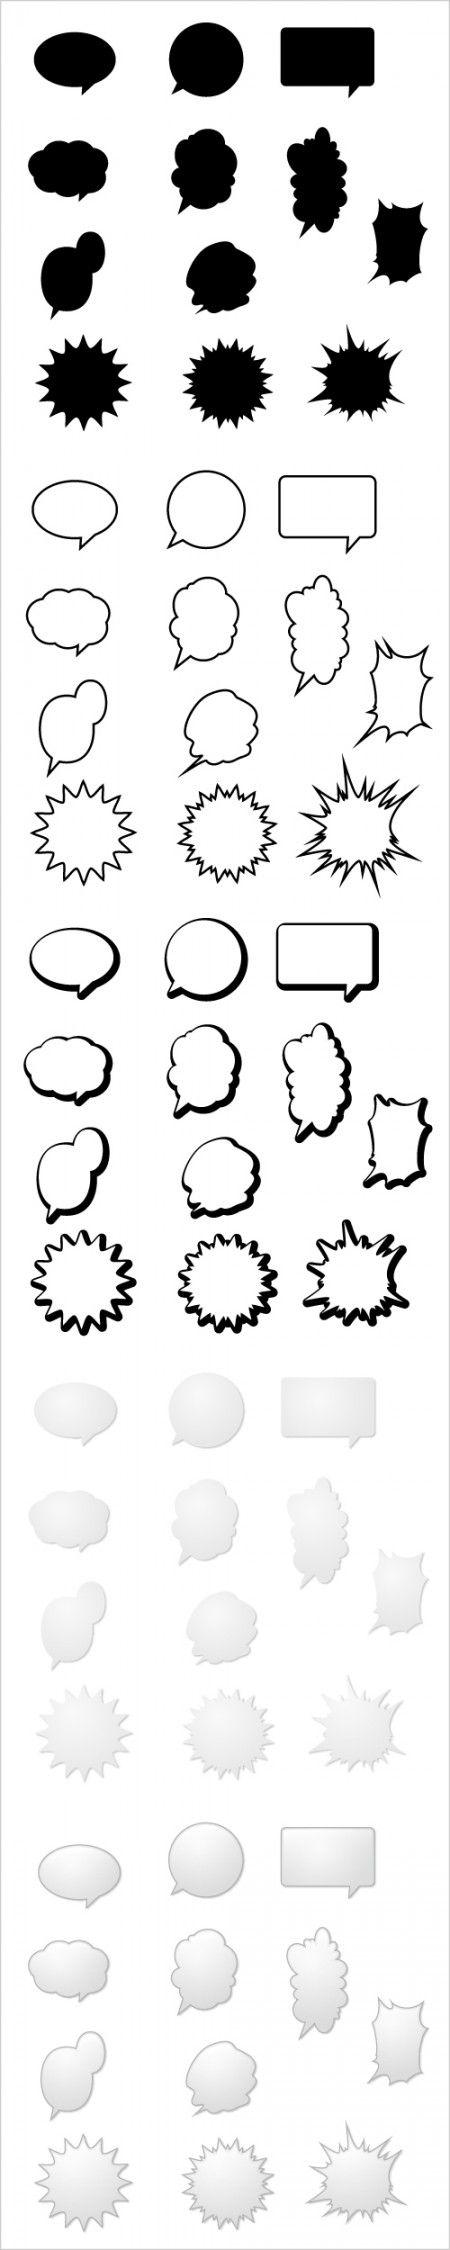 Dialog-bubbles